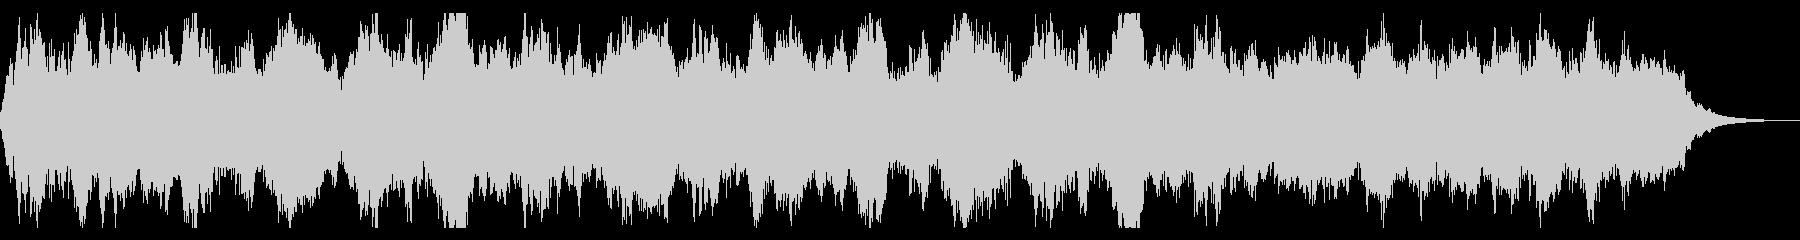 威風堂々 エルガー クラシック Ver2の未再生の波形